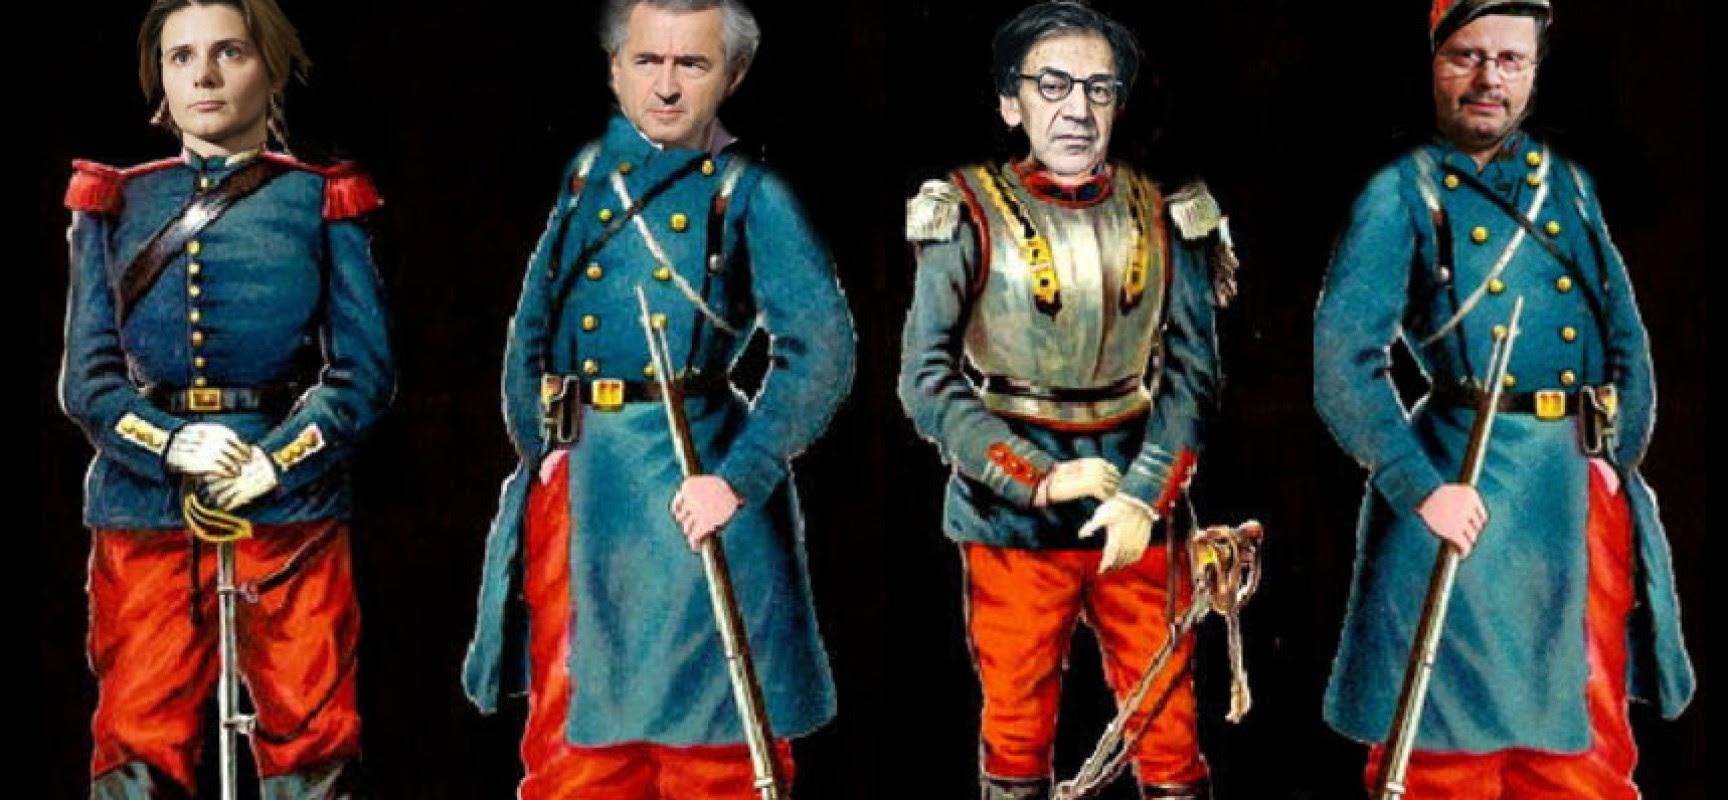 Sergents du néoconservatisme et extrémisme, lutte ou alliance ?